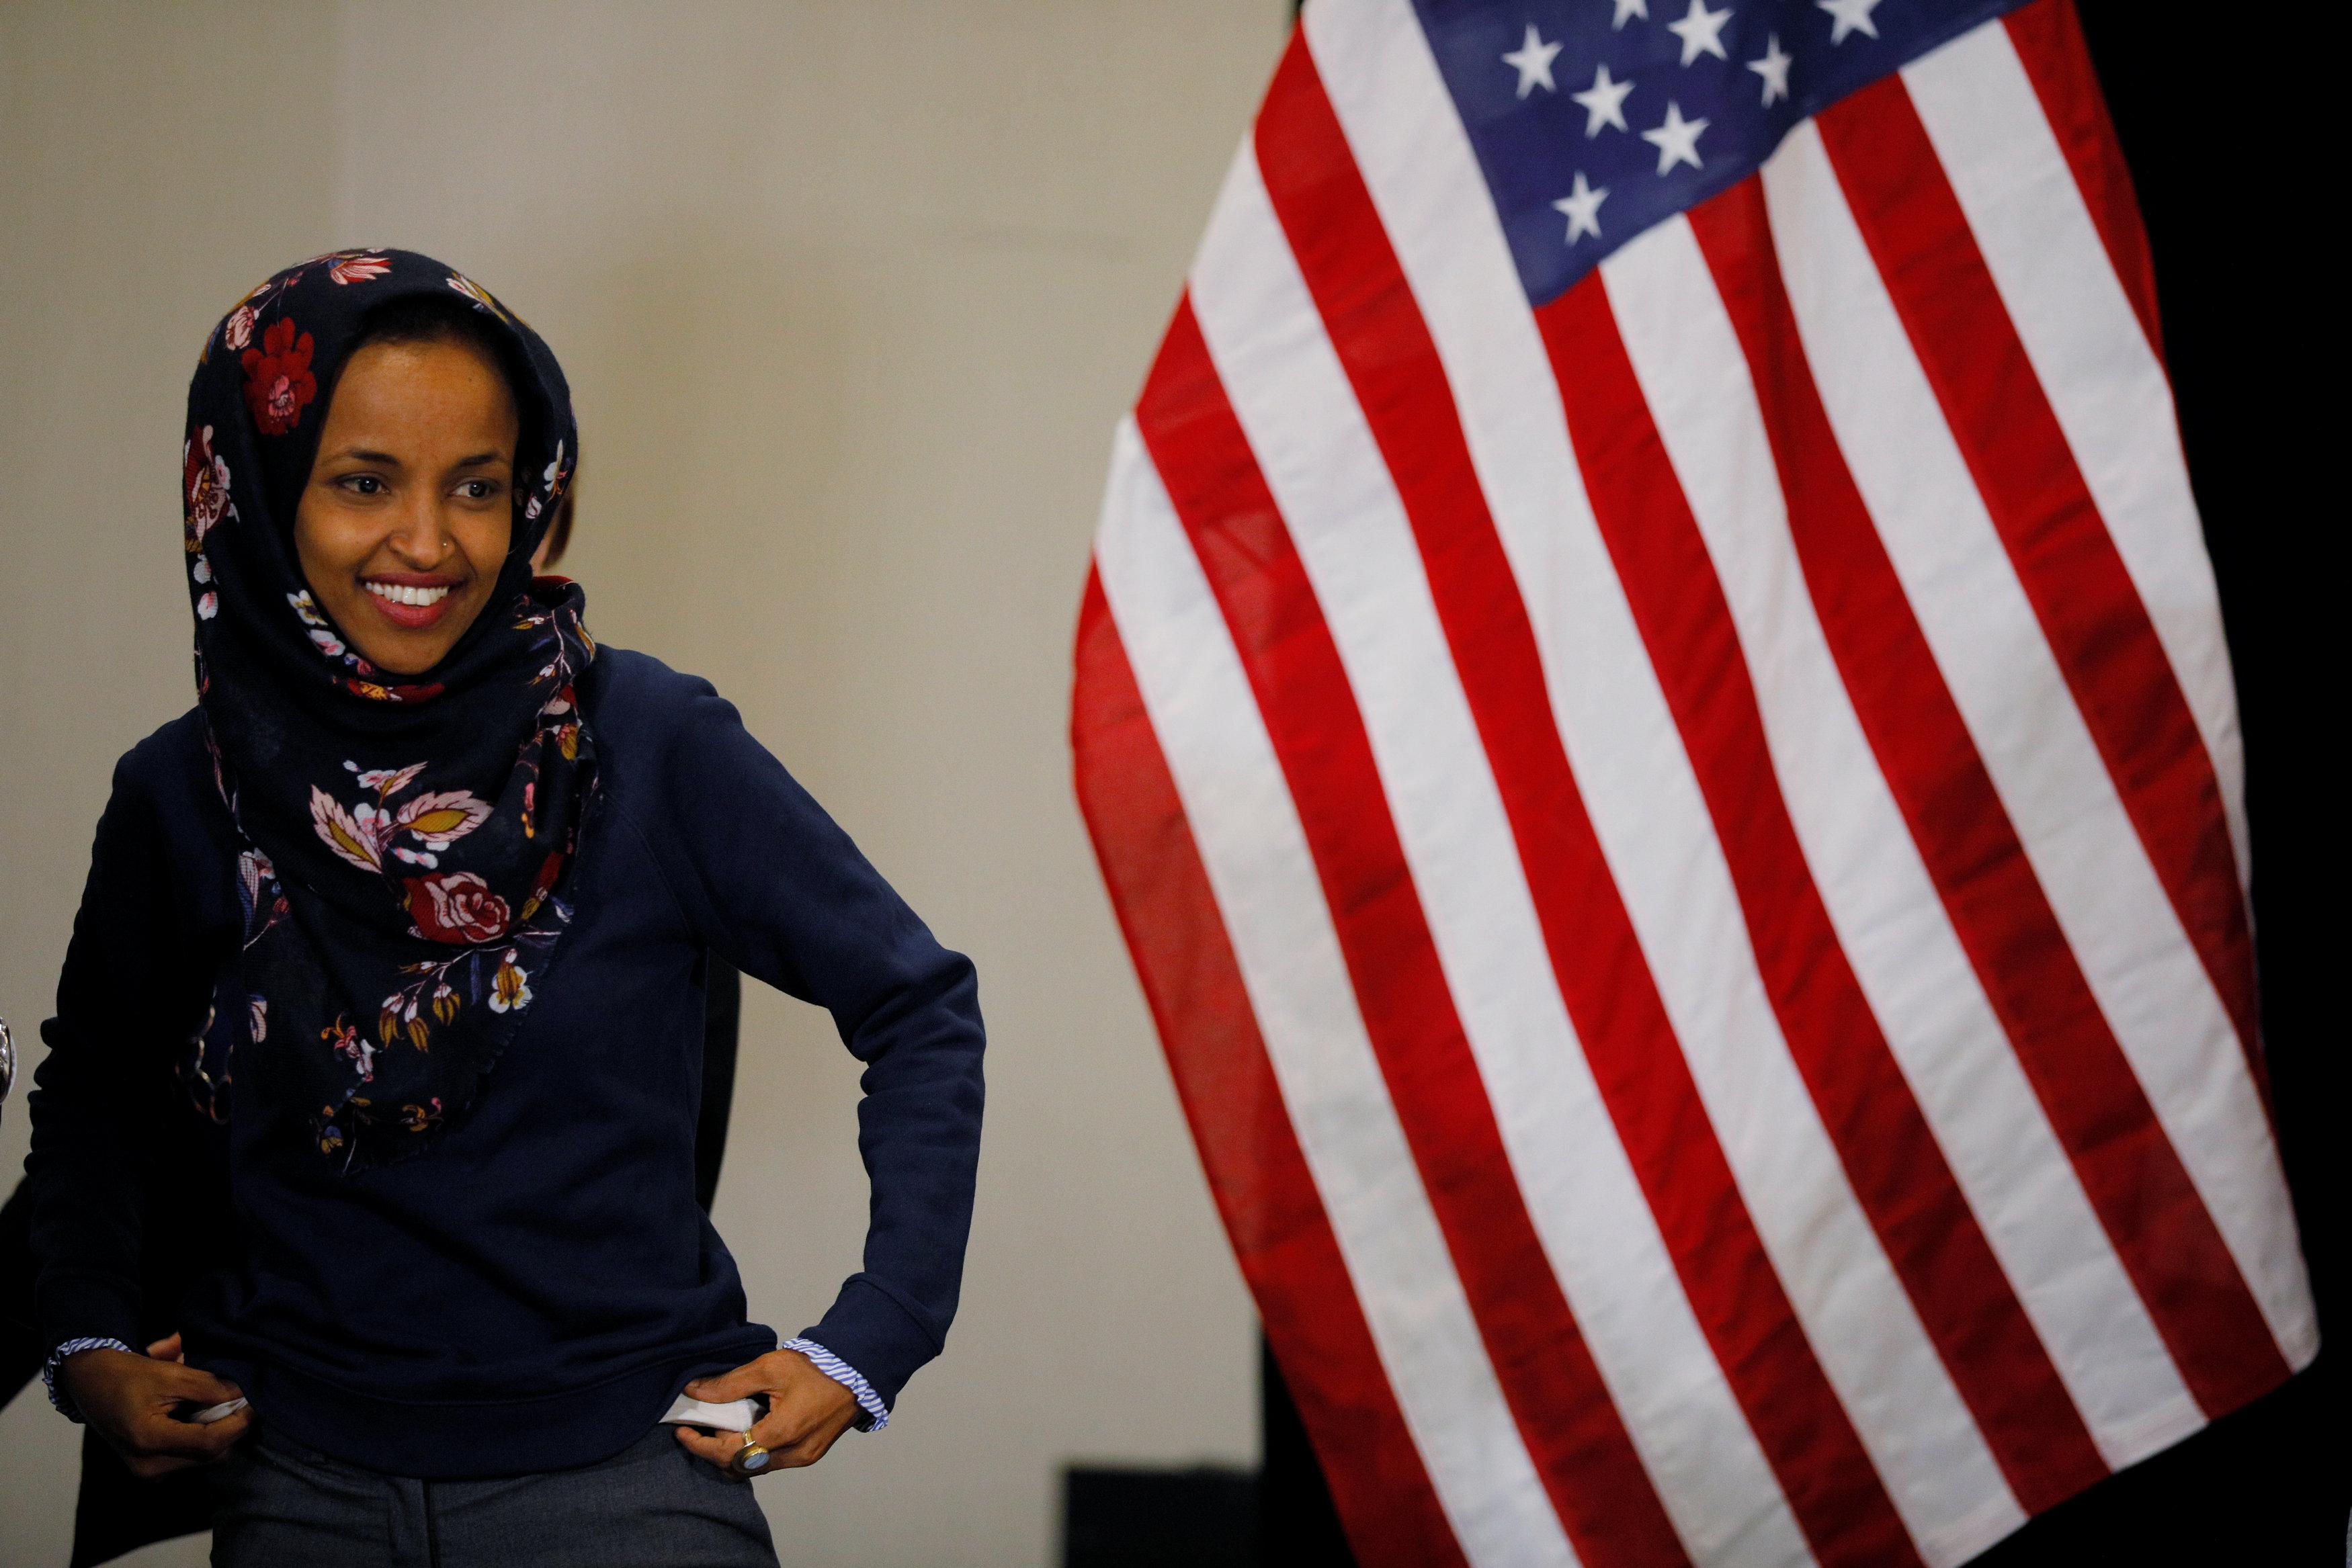 إلهان عمر هربت من الحرب الأهلية فى بلدها ولجأت للولايات المتحدة